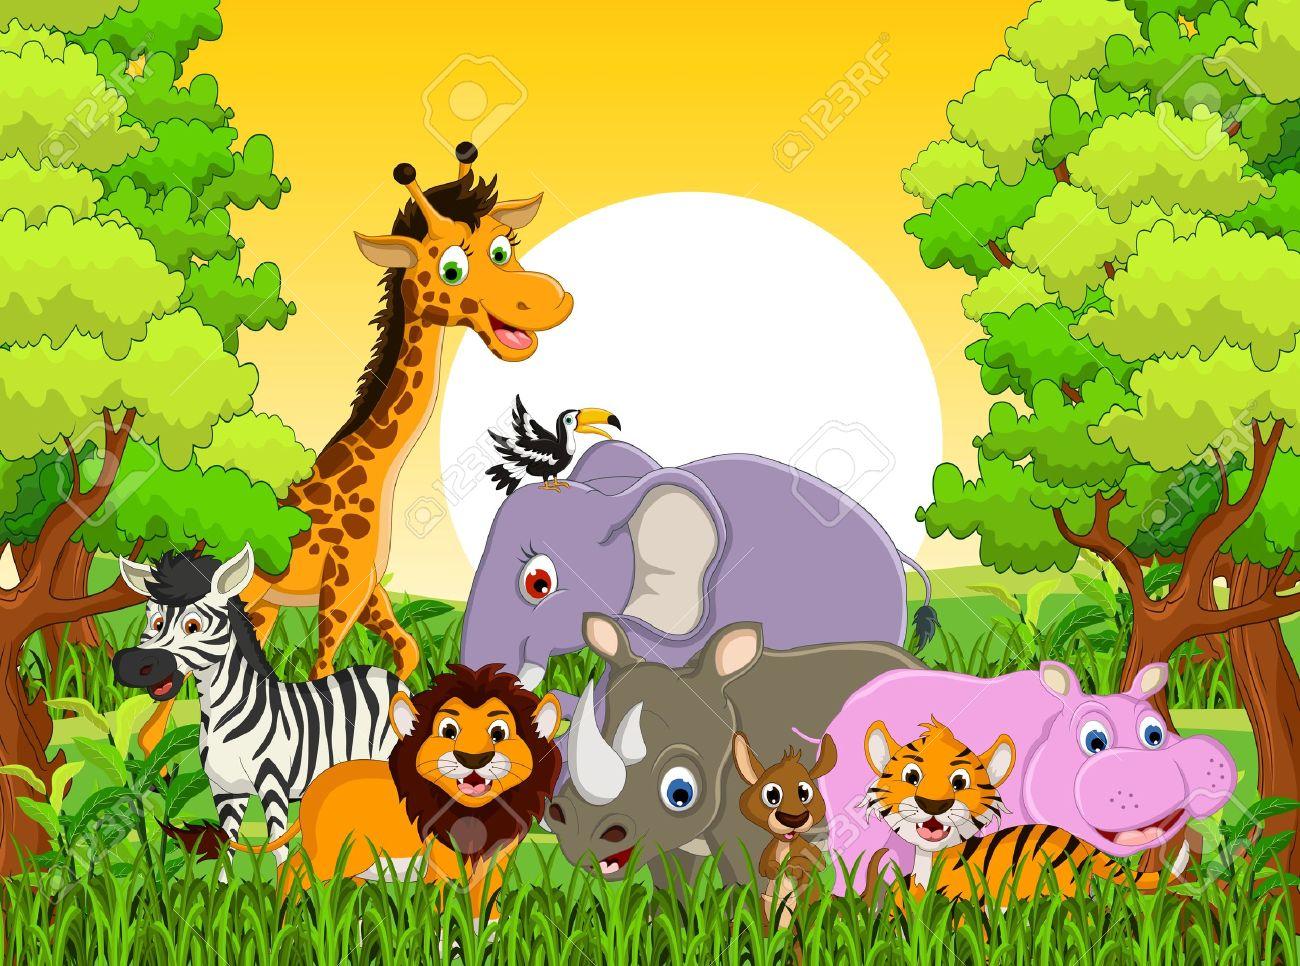 森林の背景とかわいい動物野生動物漫画のイラスト ロイヤリティフリー